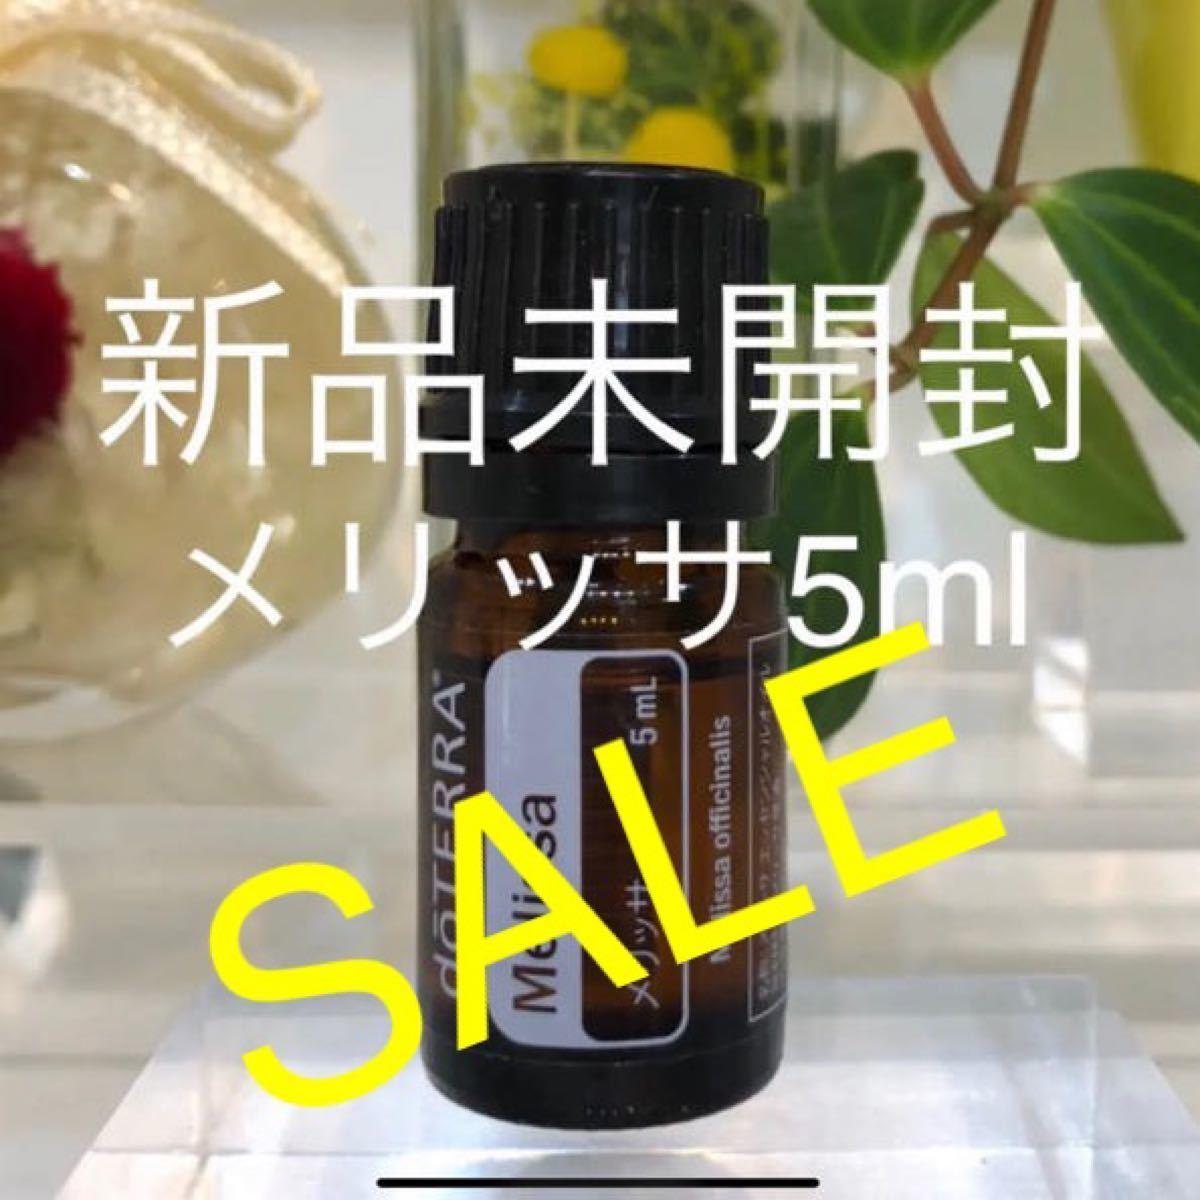 ドテラ ★SALE★ メリッサ 5ml ★正規品★新品未開封★